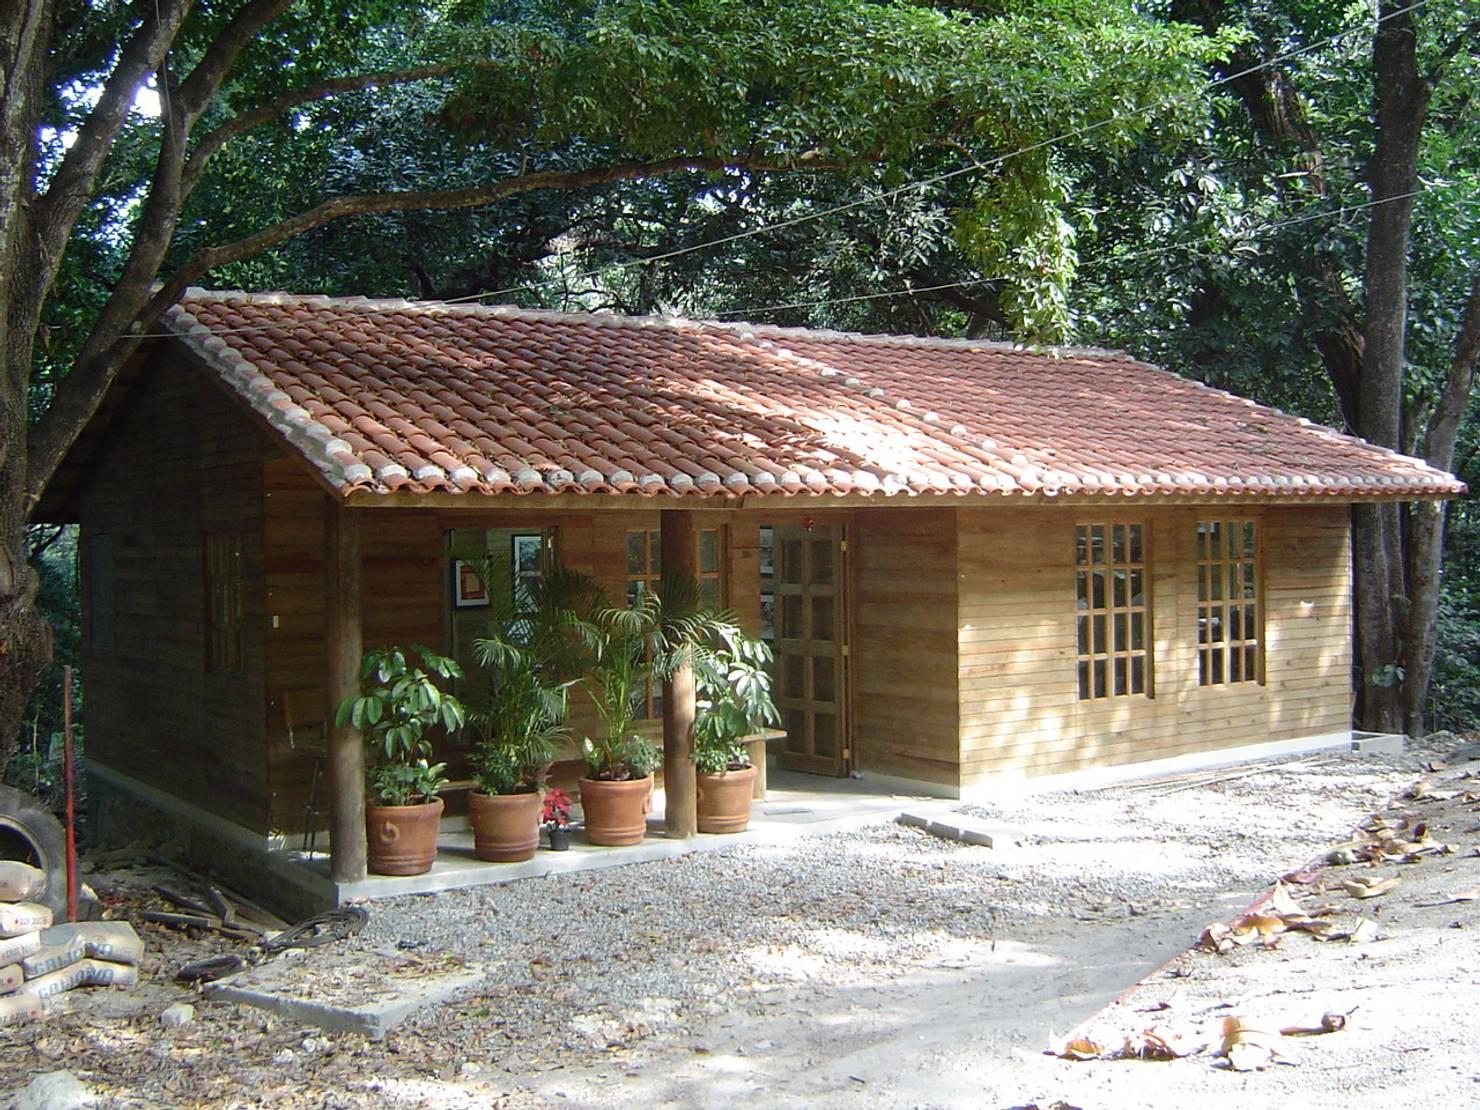 10 ideas maravillosas para que construyas tu casa soñada